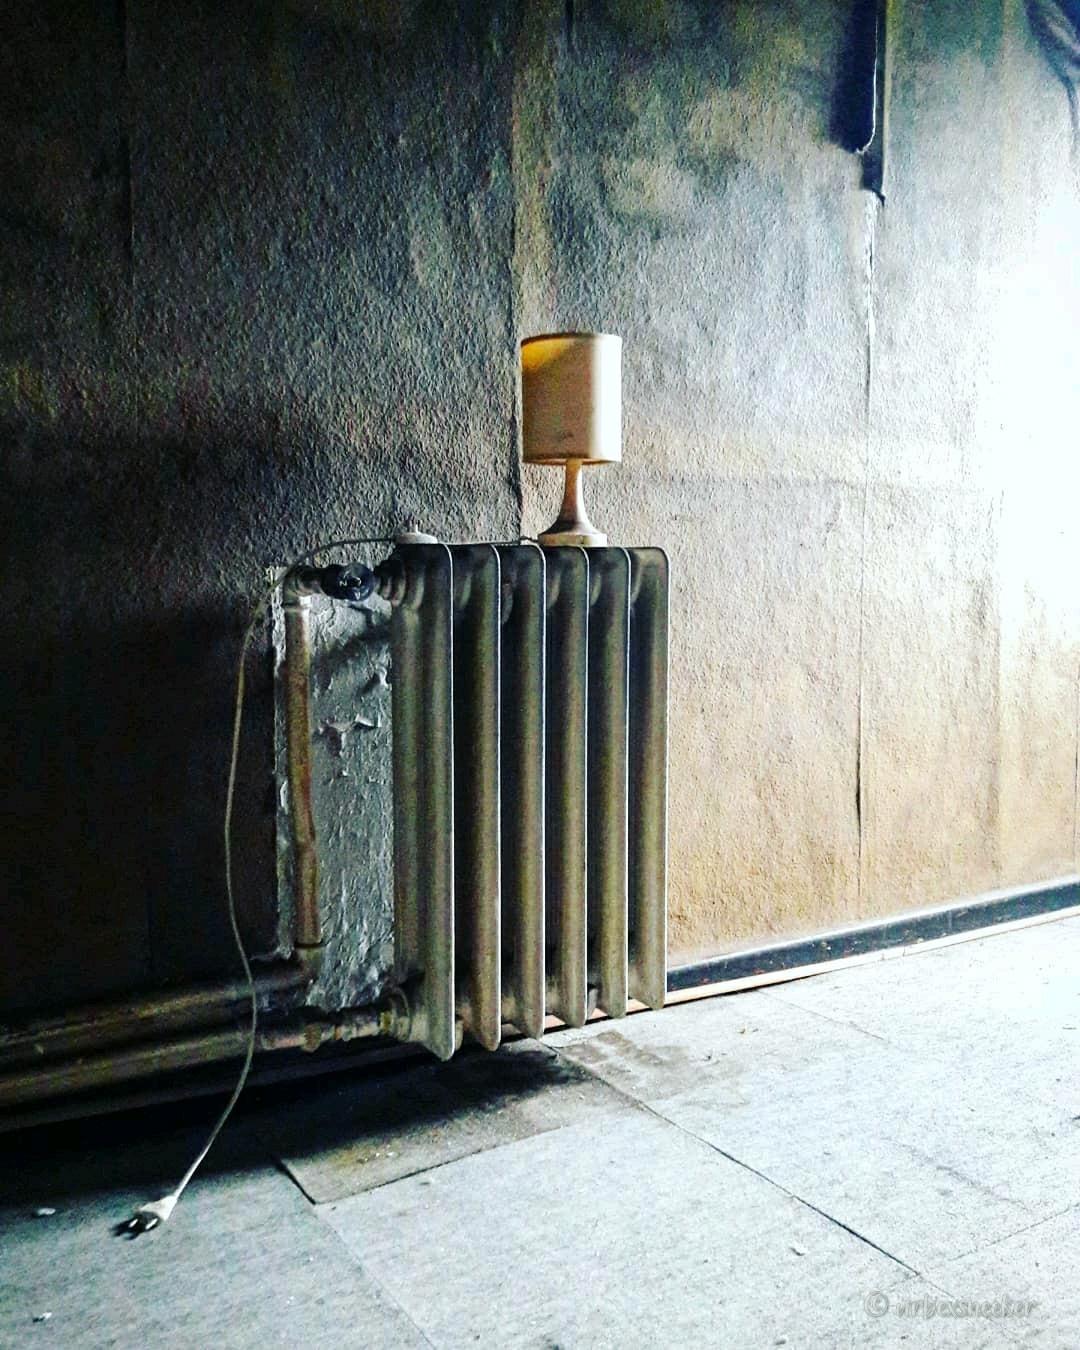 verlassenes Hotel Lampe auf Heizkörper